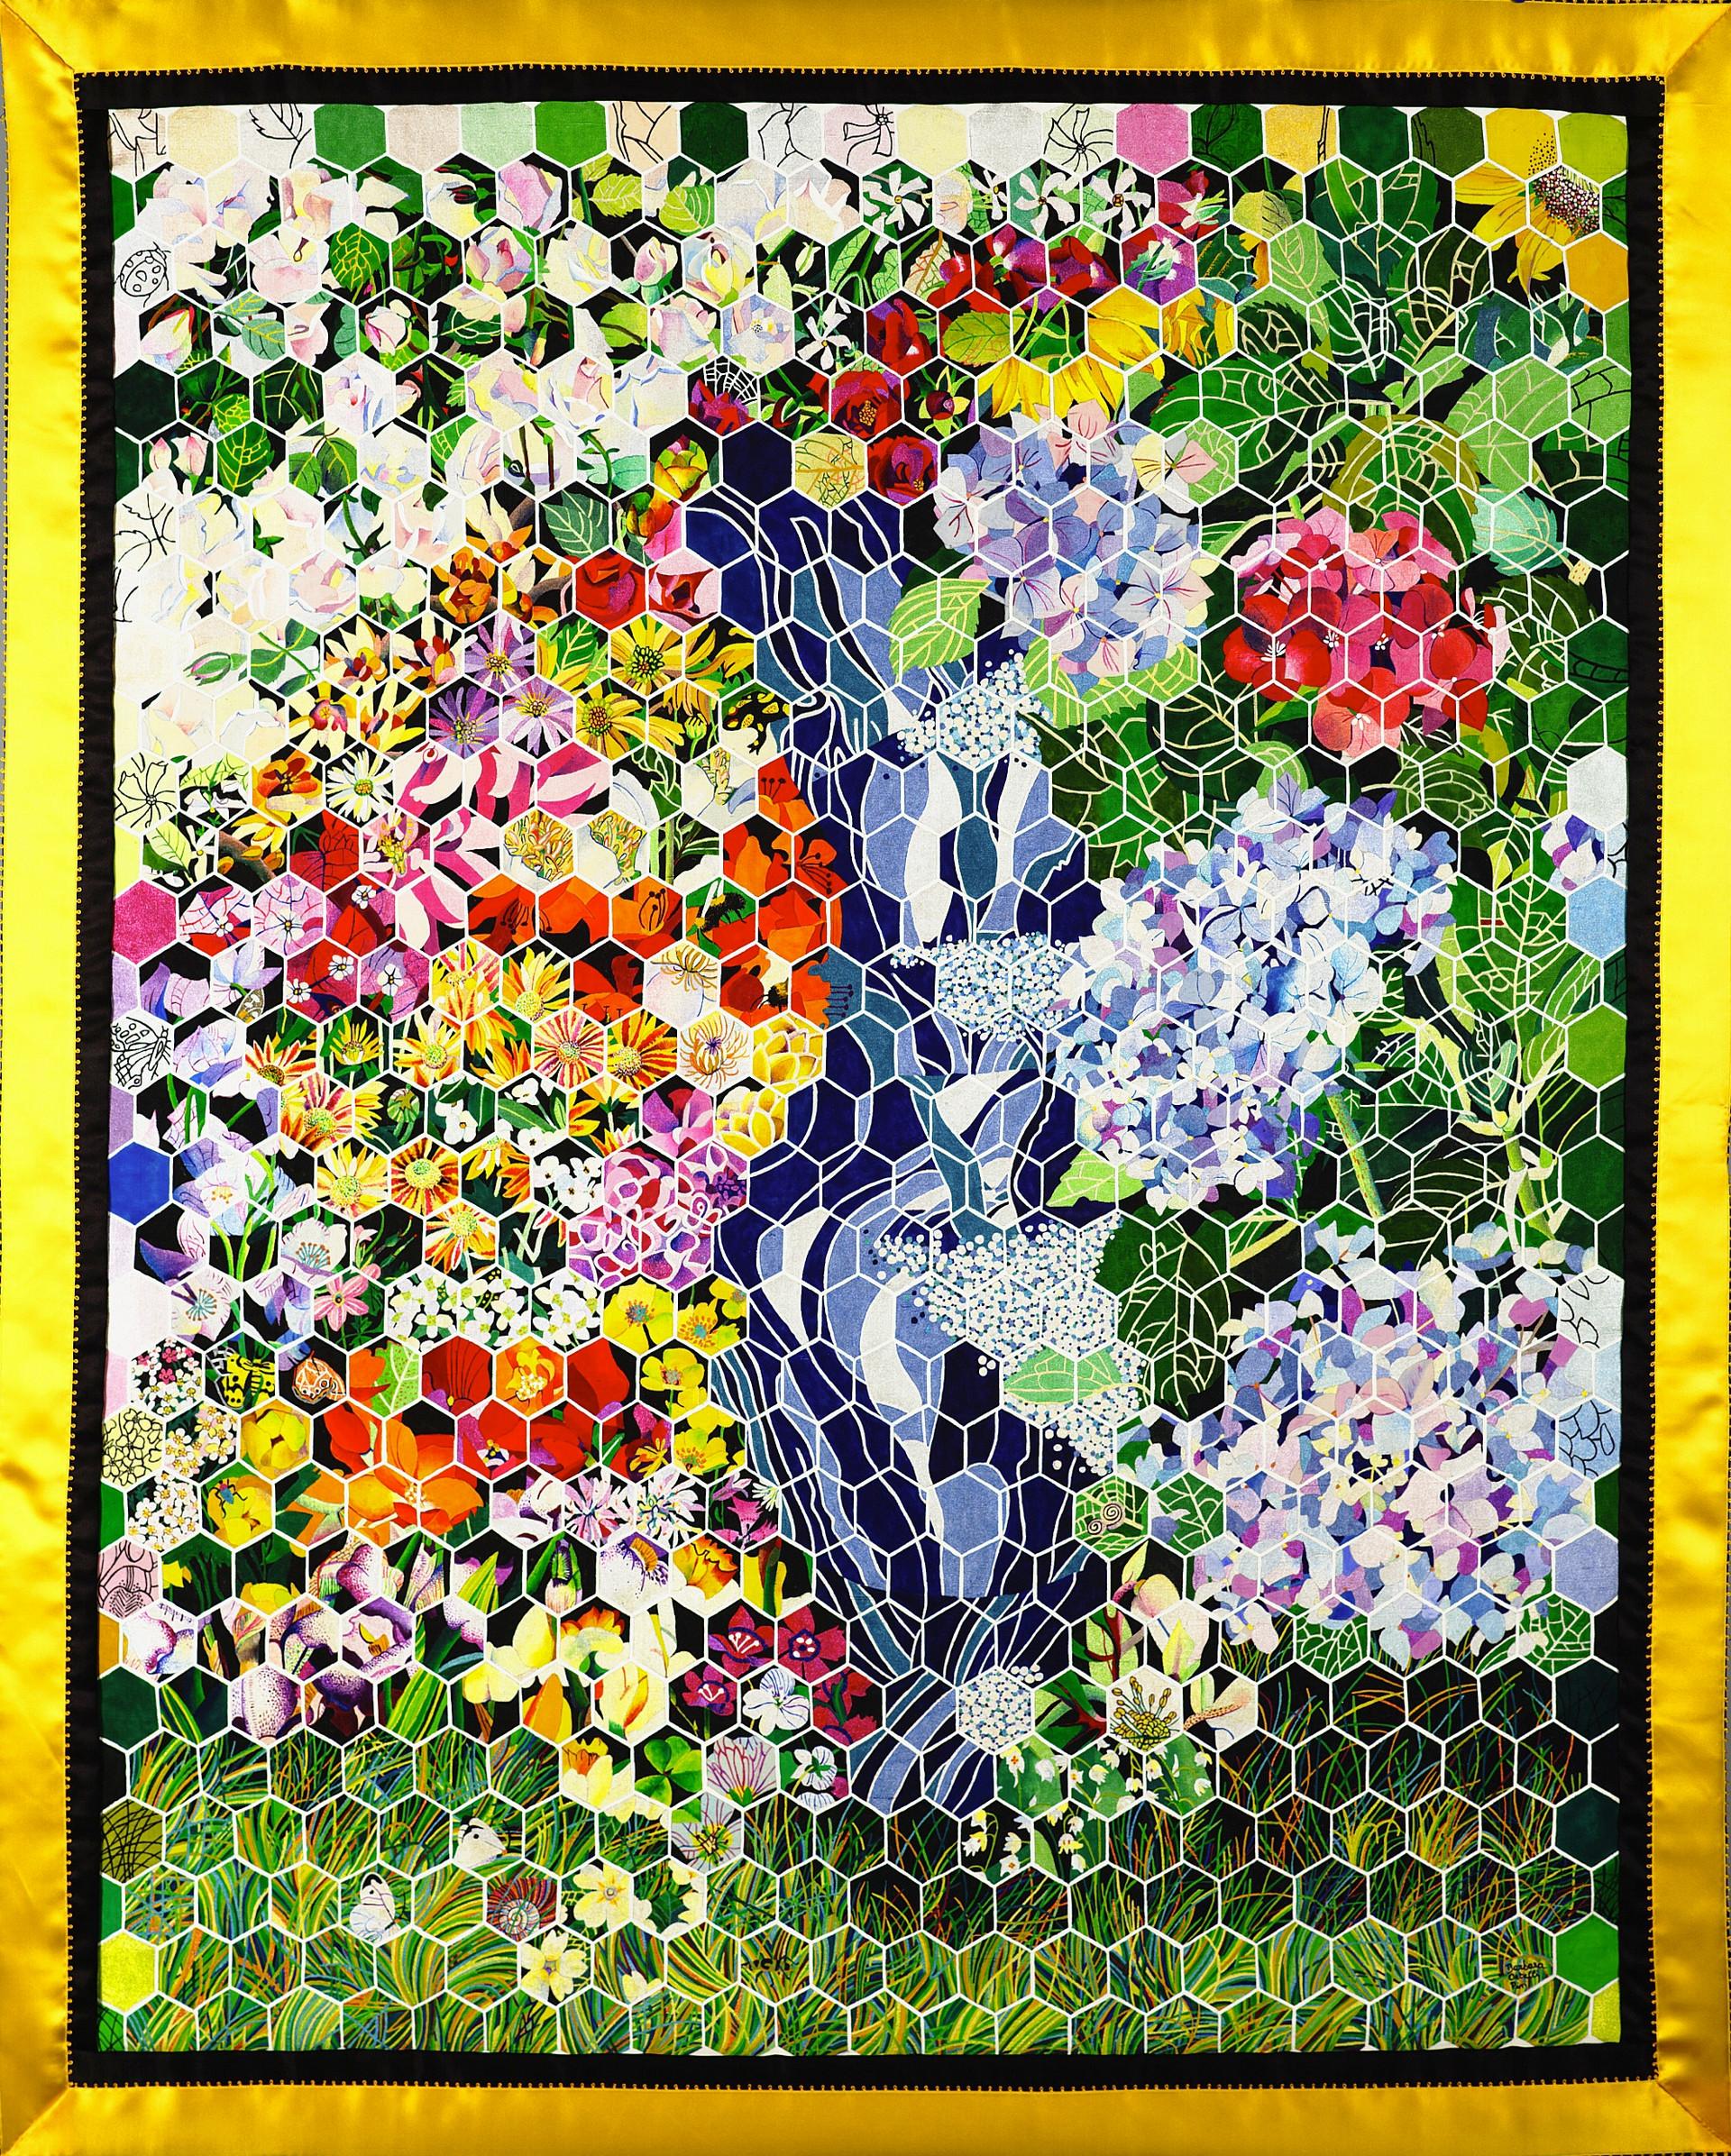 Il mio giardino. Scintille di colori.